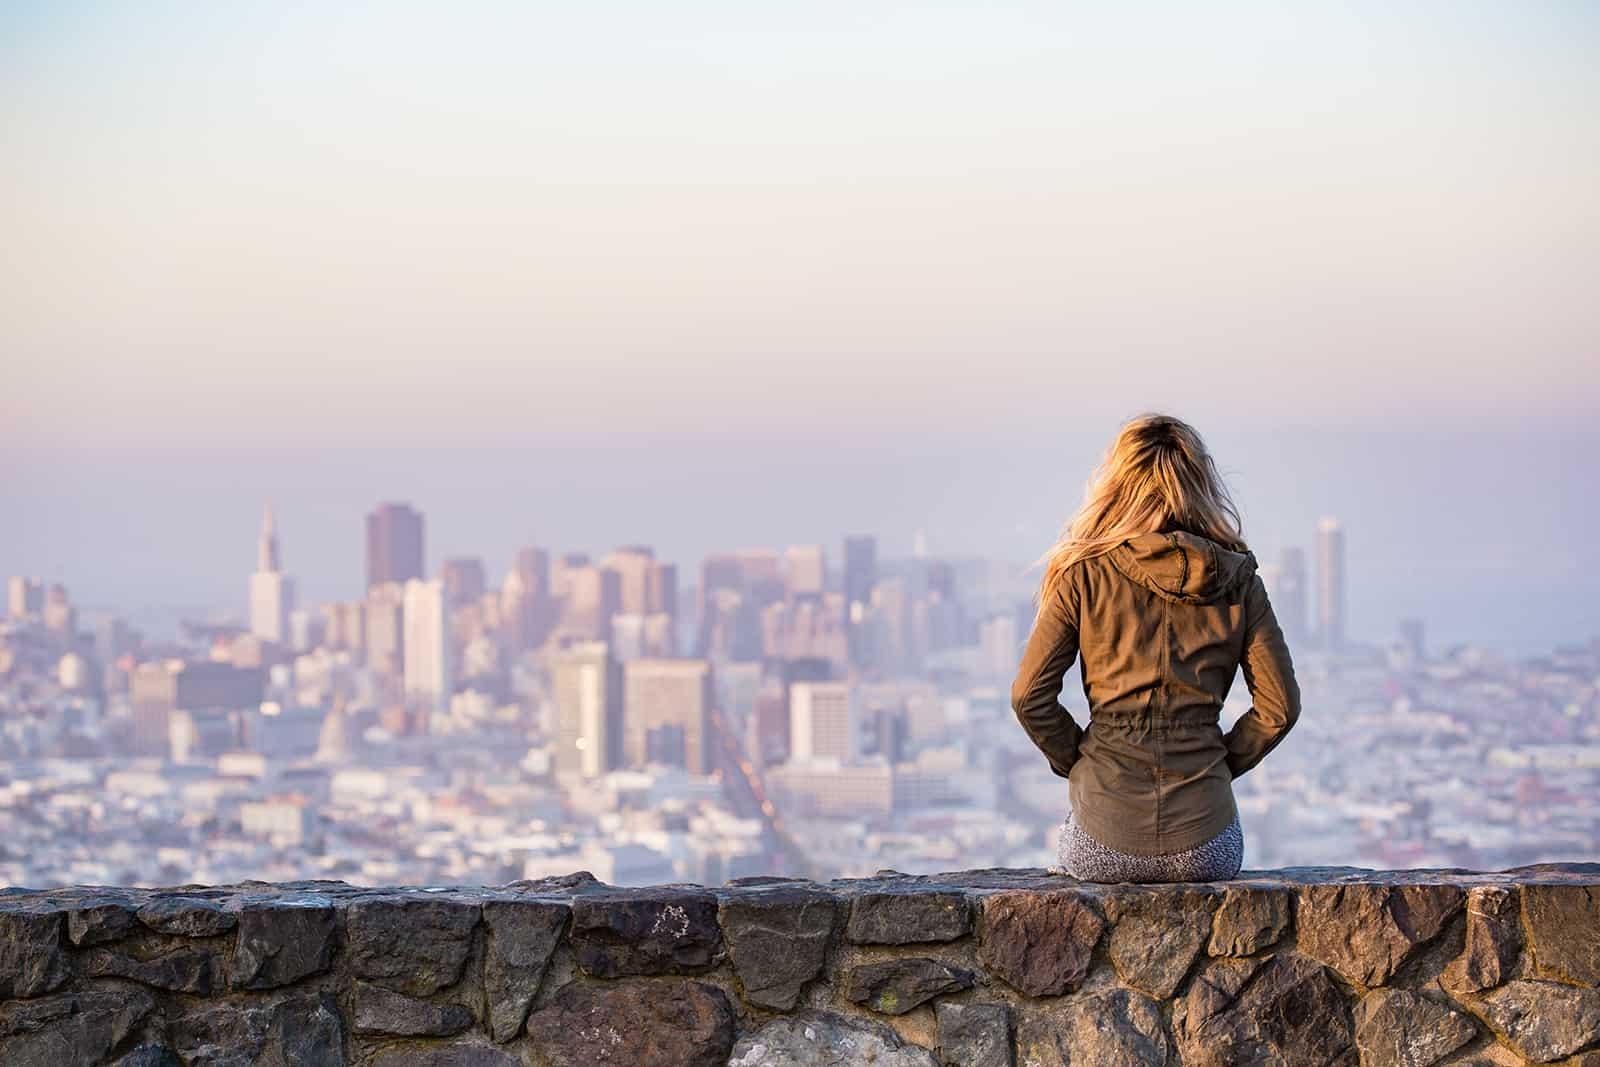 eine Frau sitzt auf der Felswand gegenüber der Stadt